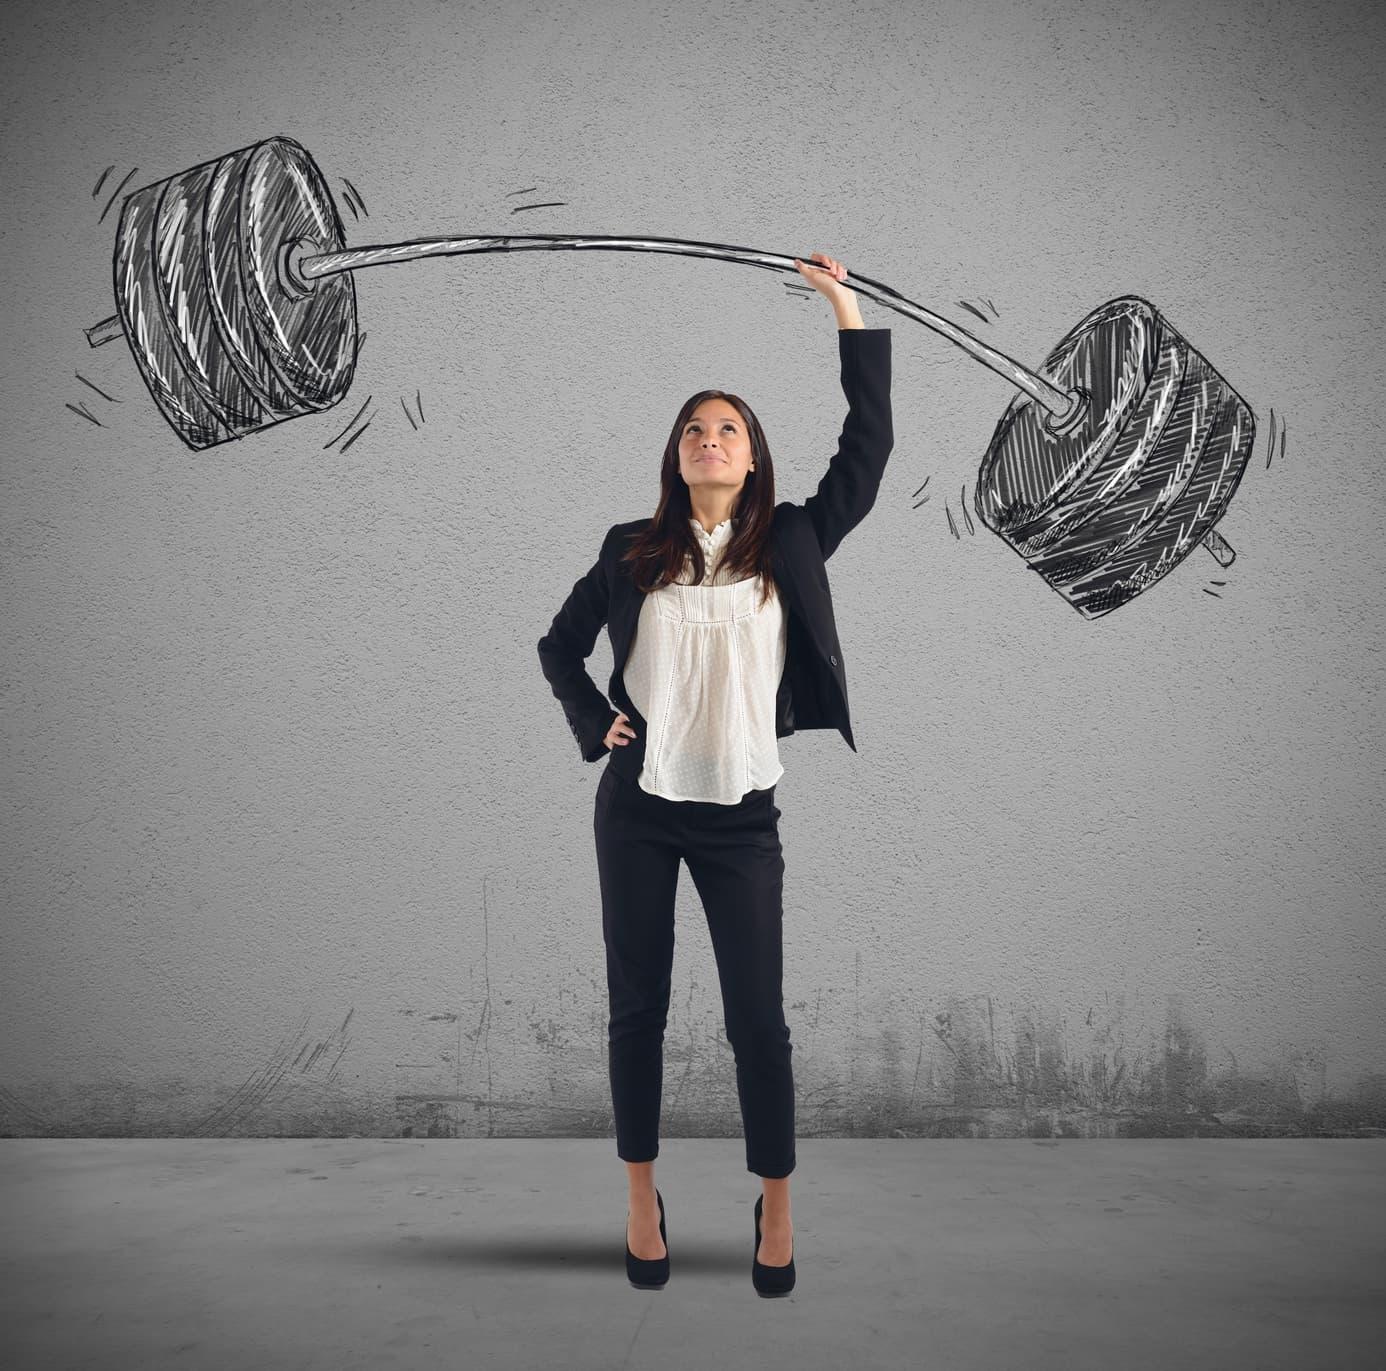 健身房新手如何科学增重与?肌肉增长计划,拿走不谢!